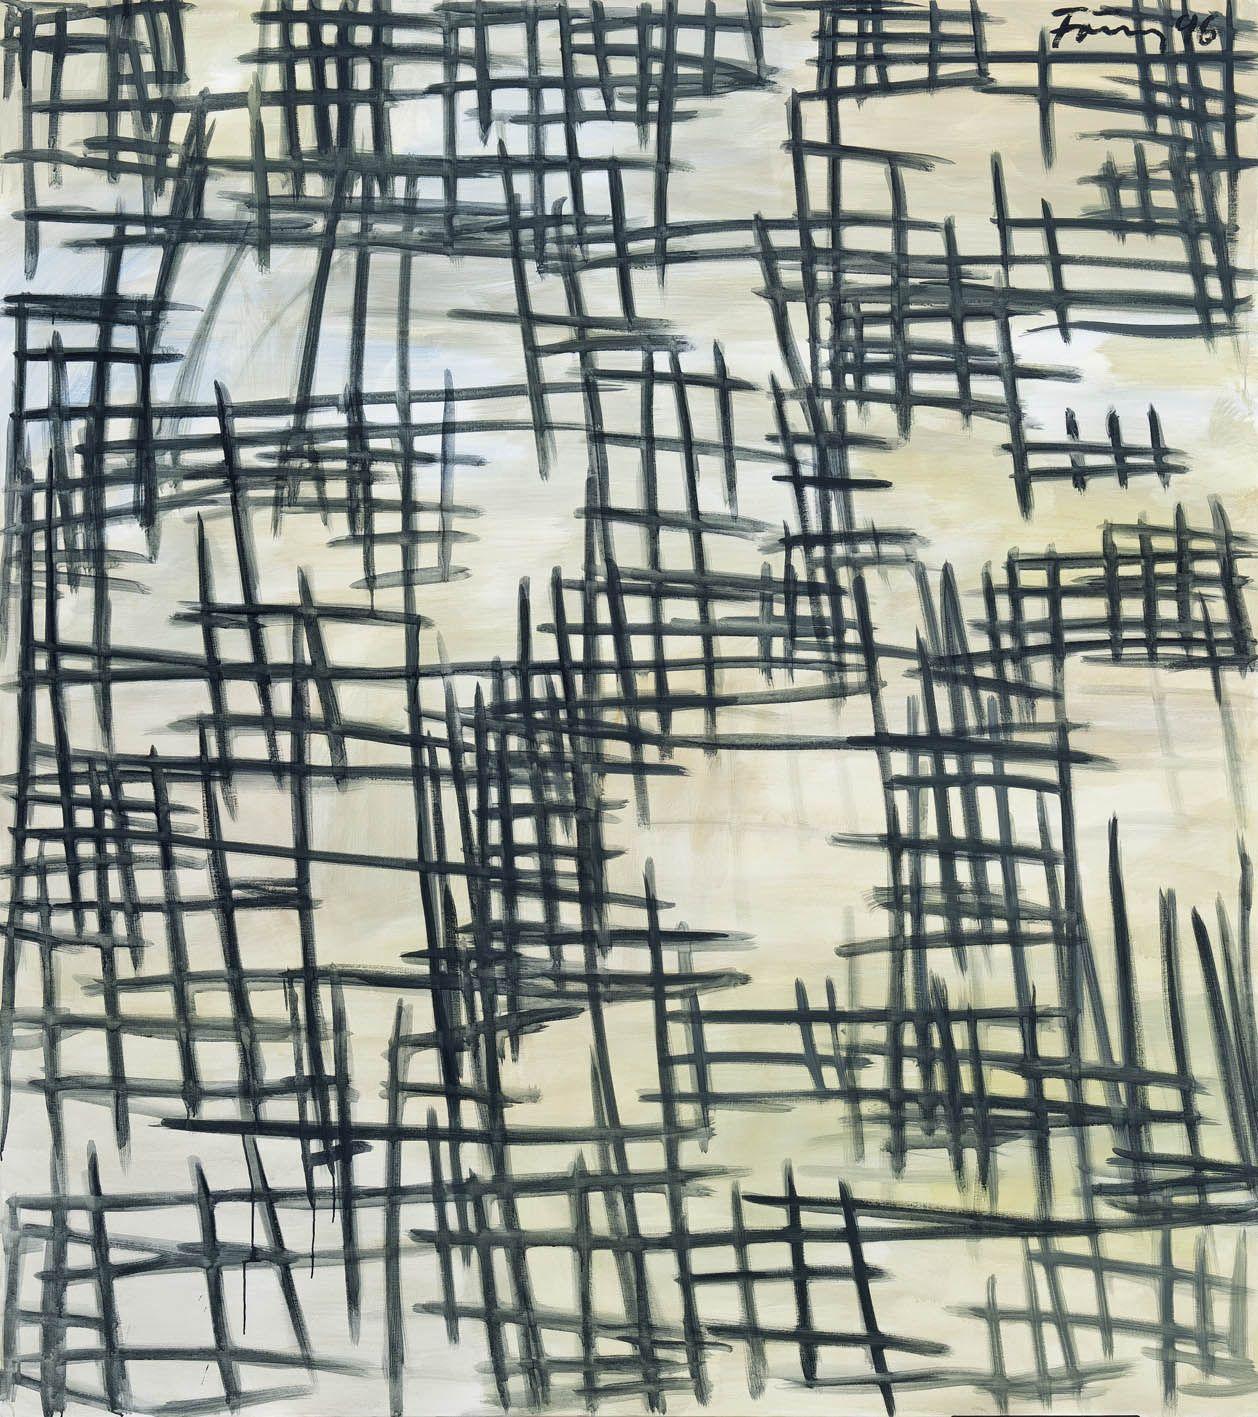 Günther Förg, Untitled, 1996